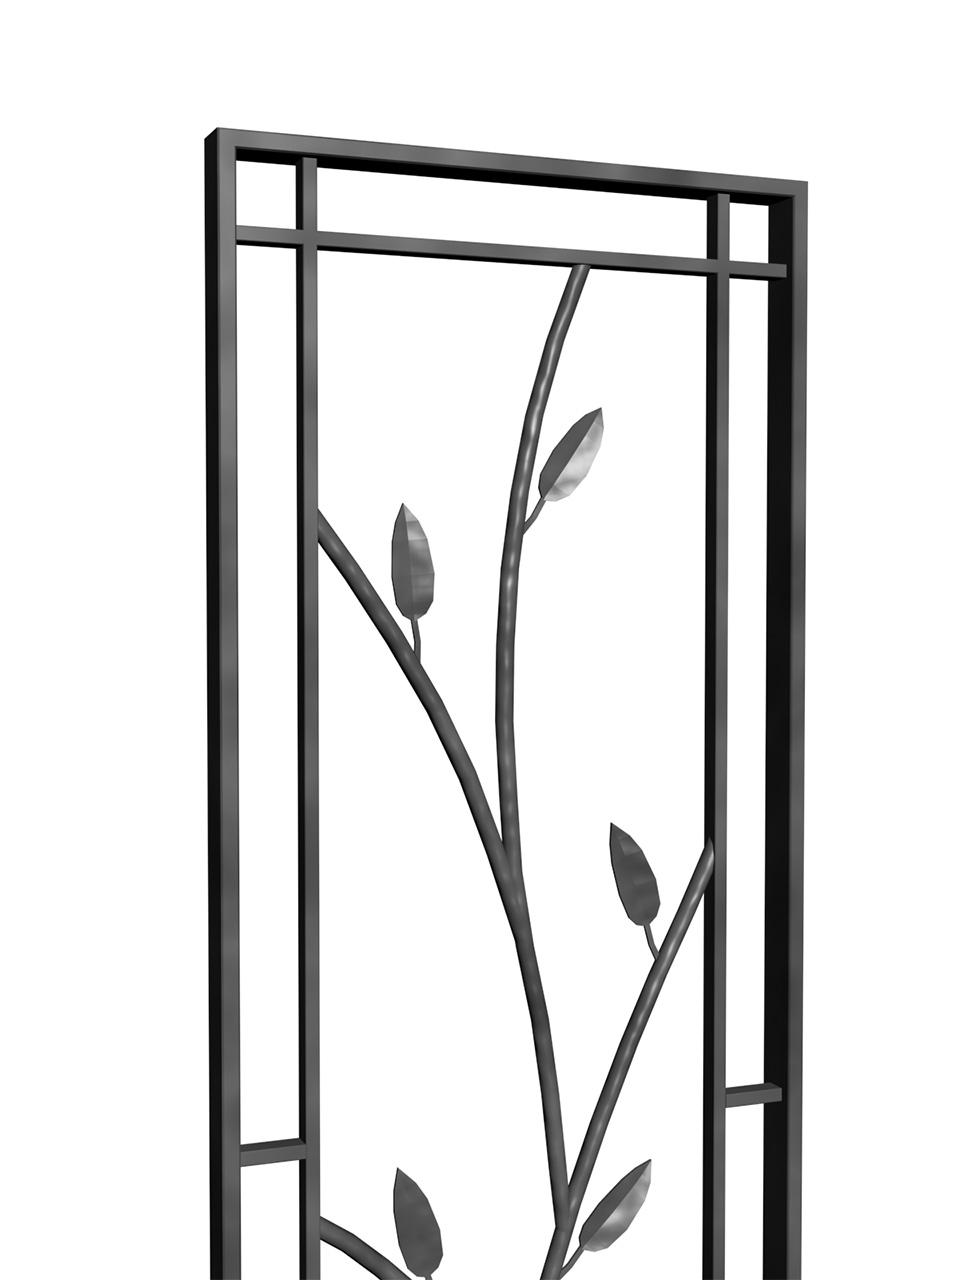 アイアンパネル [SCR_005] - Iron Panel